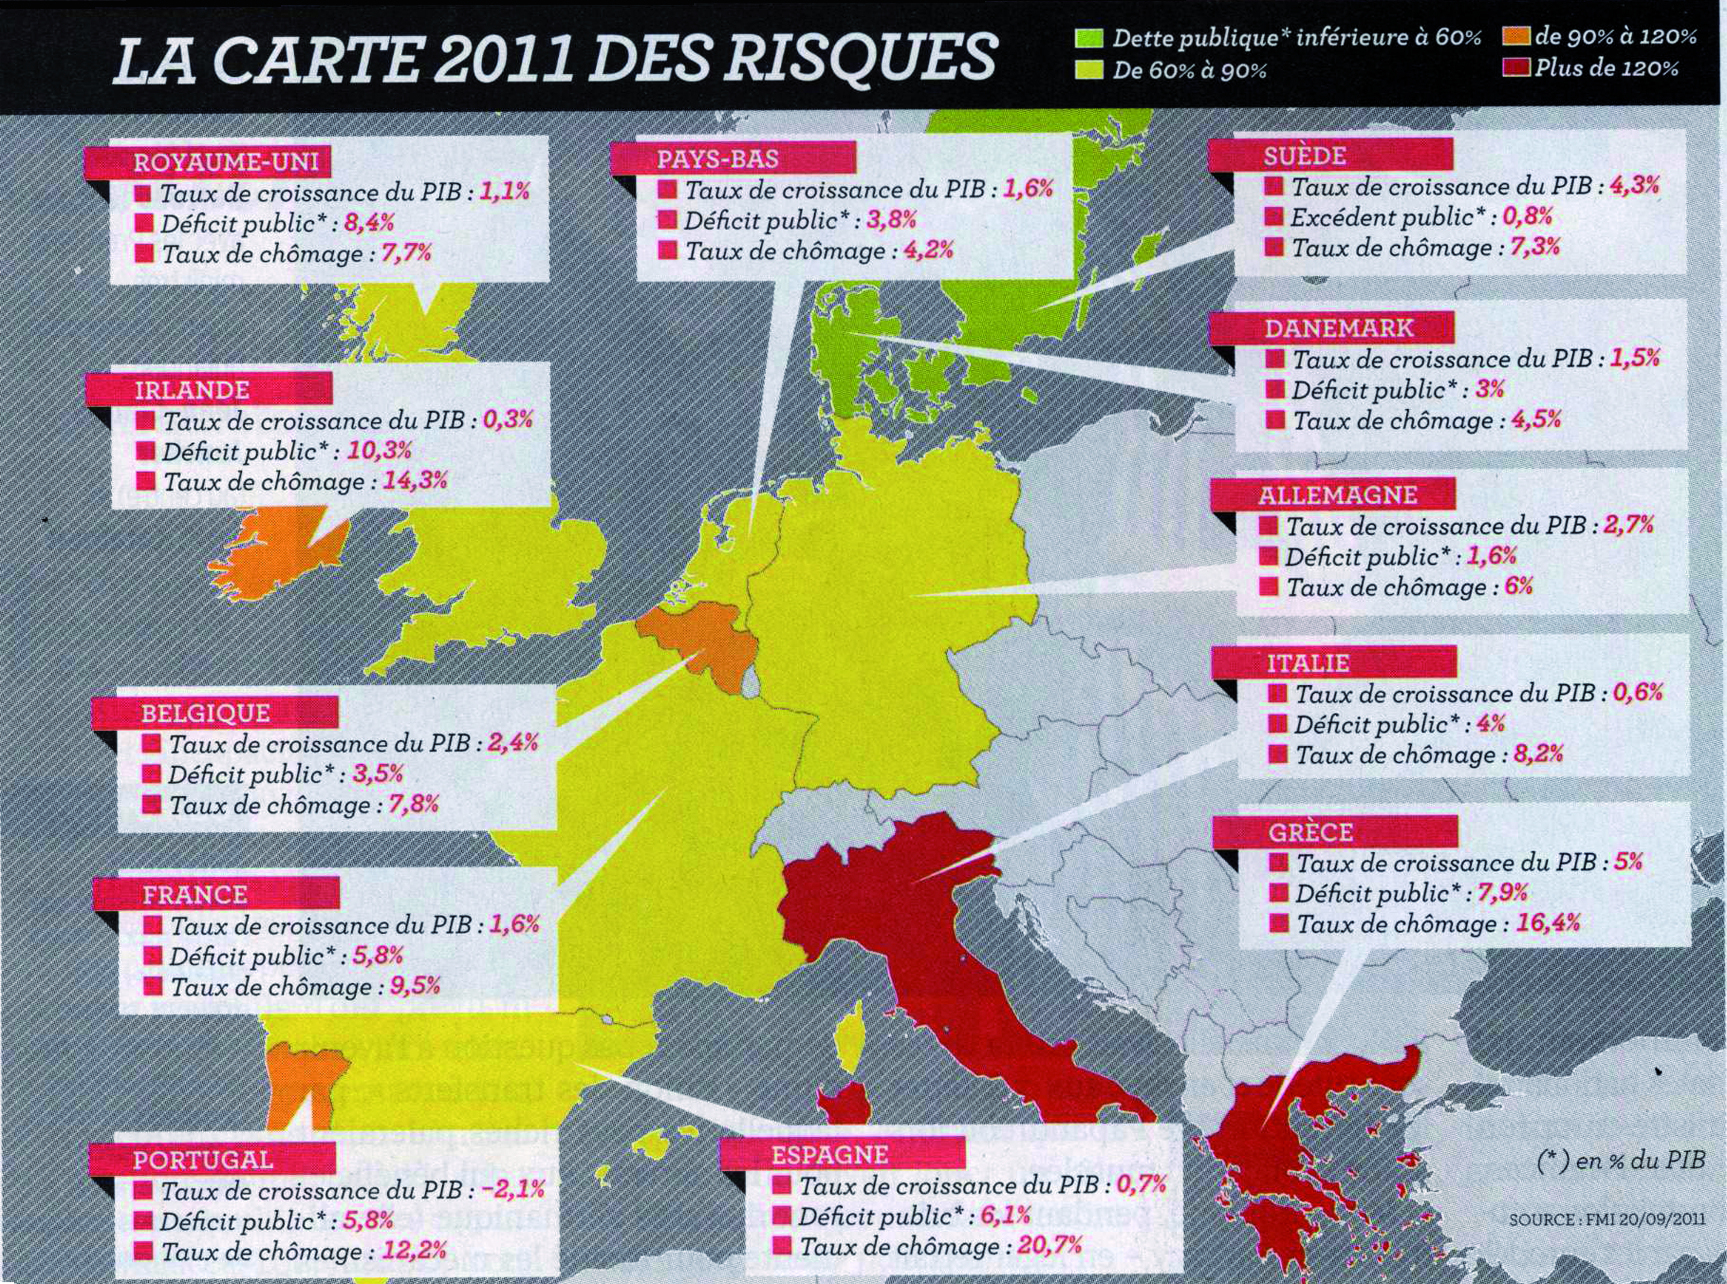 La «Crise» Dans L'union Européenne Vue Par Les Cartes destiné La Carte De L Union Européenne